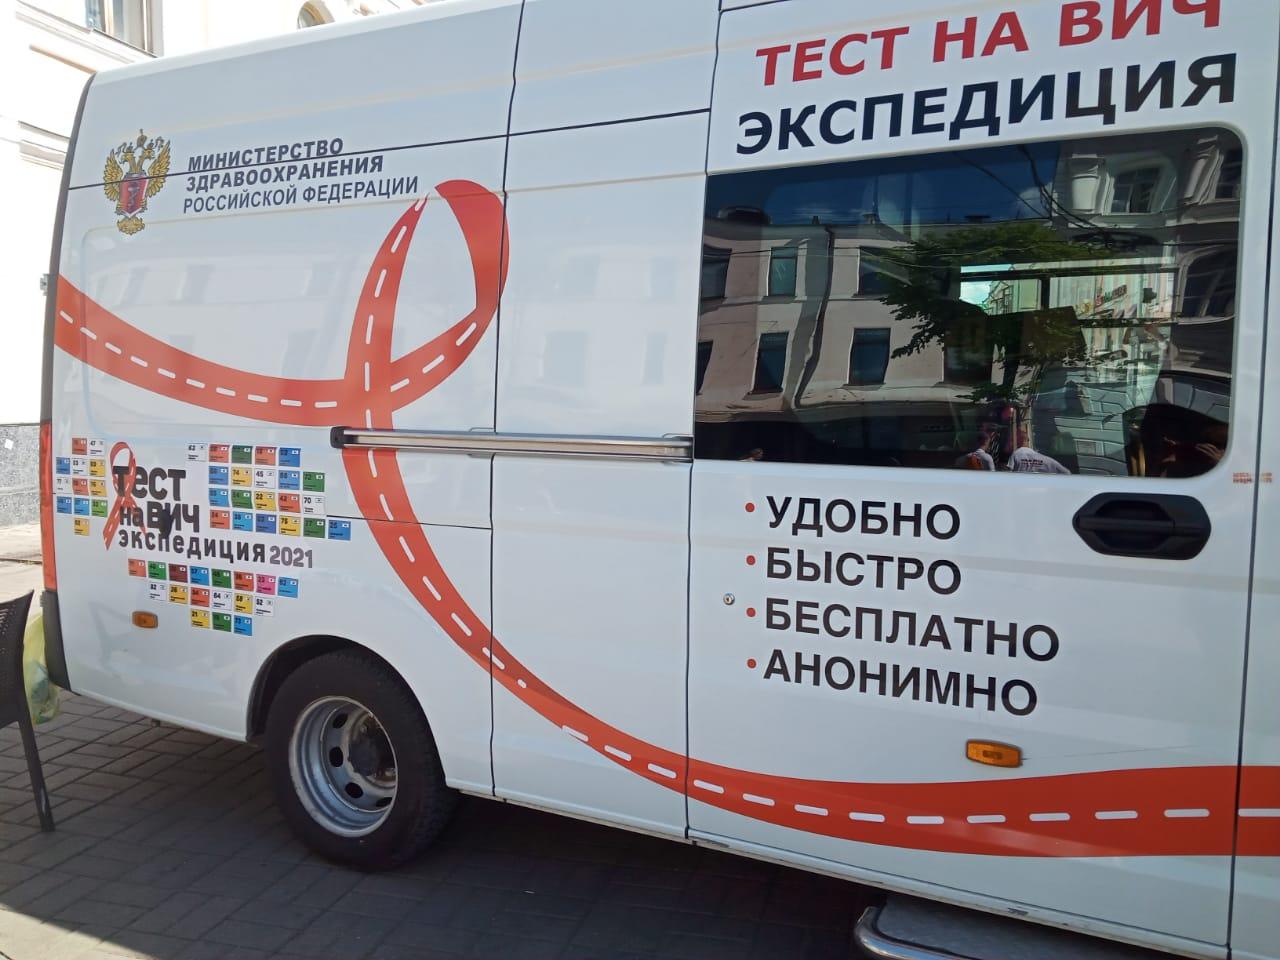 Почти 300 жителей области прошли бесплатное тестирование в мобильных лабораториях акции «Тест на ВИЧ: экспедиция»